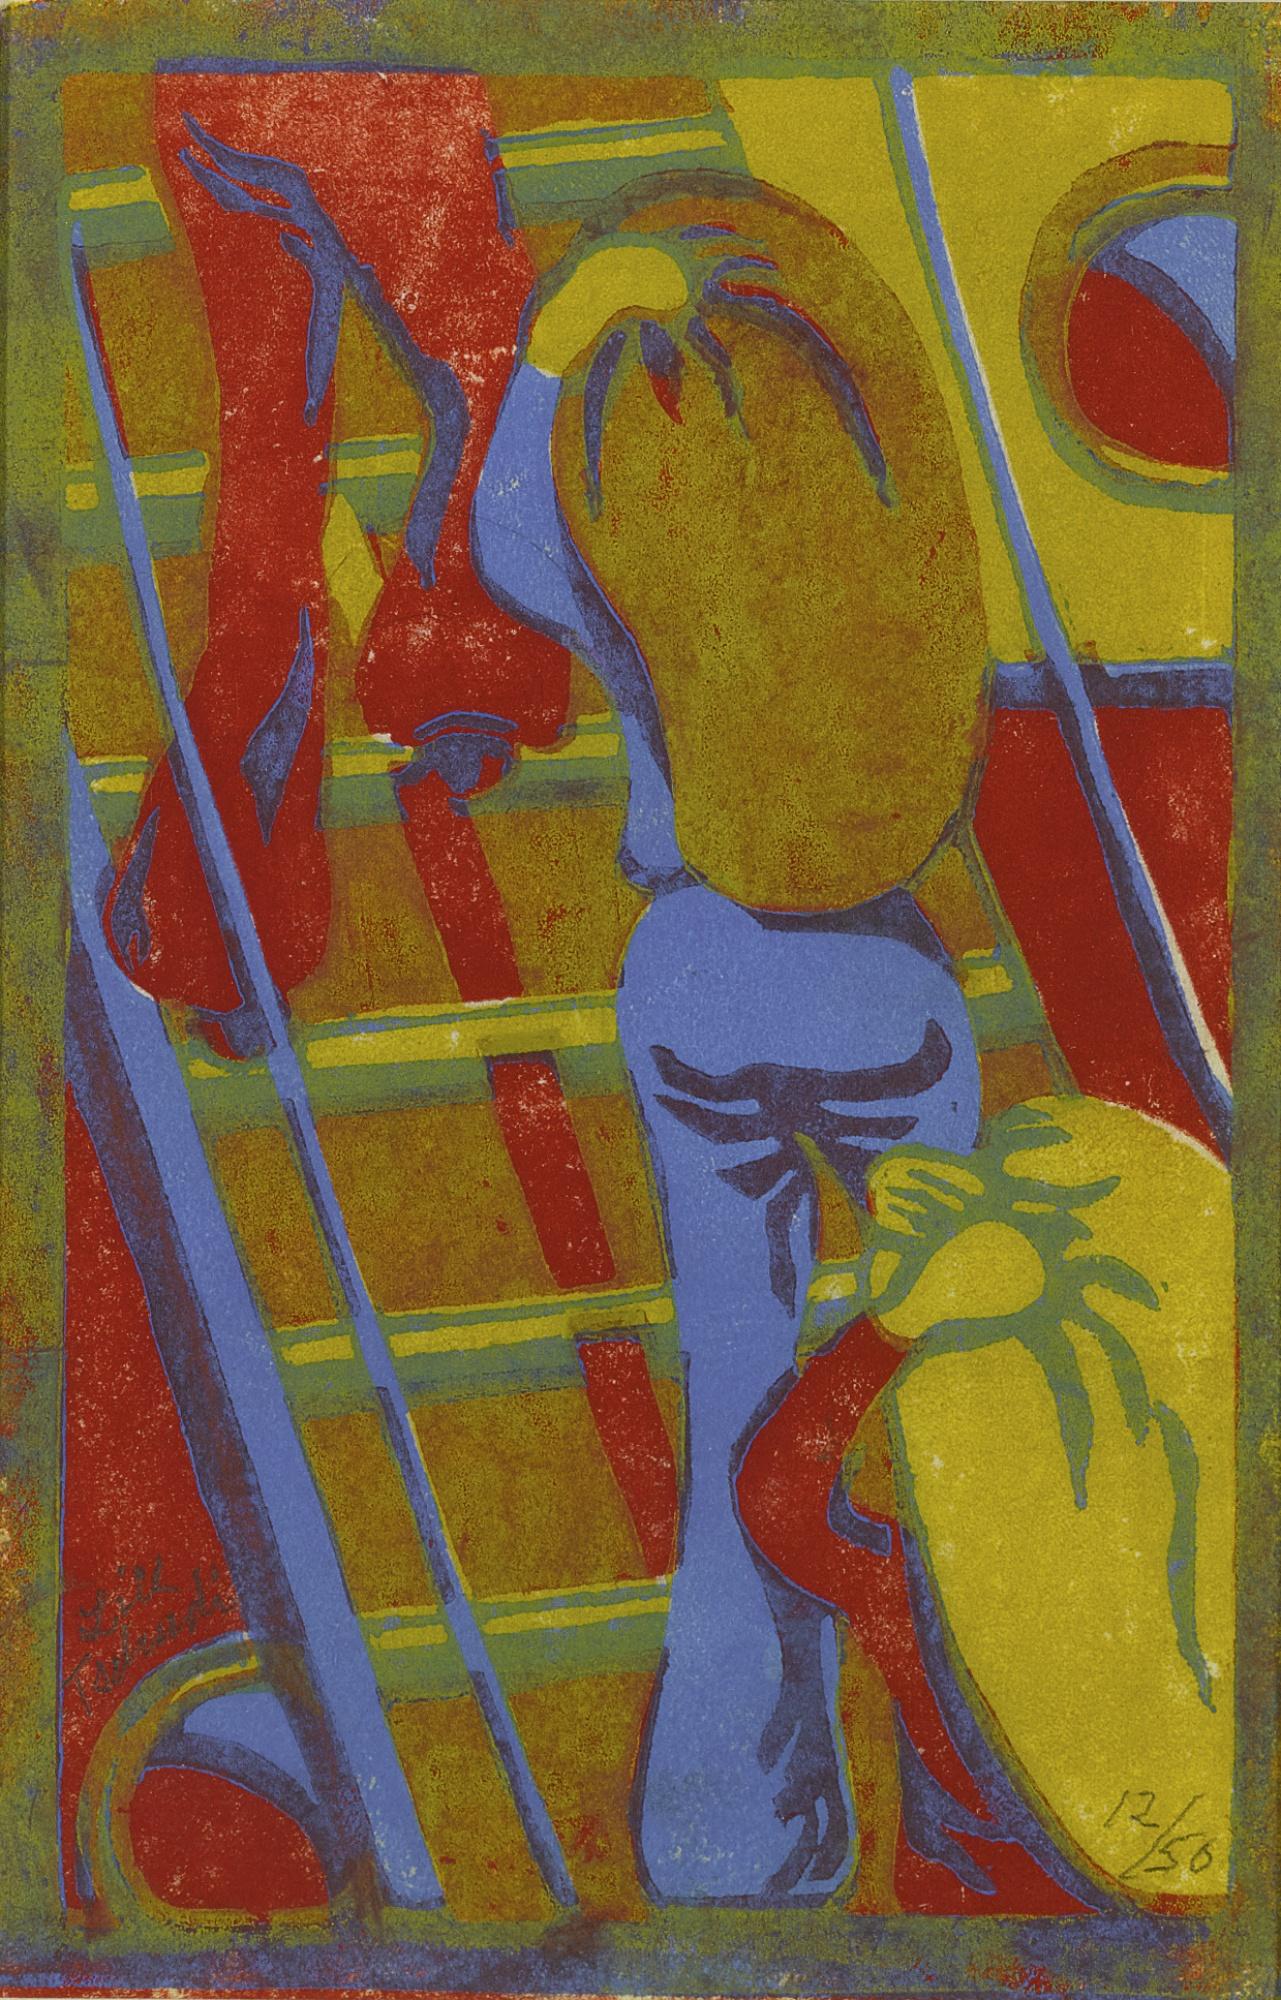 Lill Tschudi-Sailors (C. Lt 2)-1930